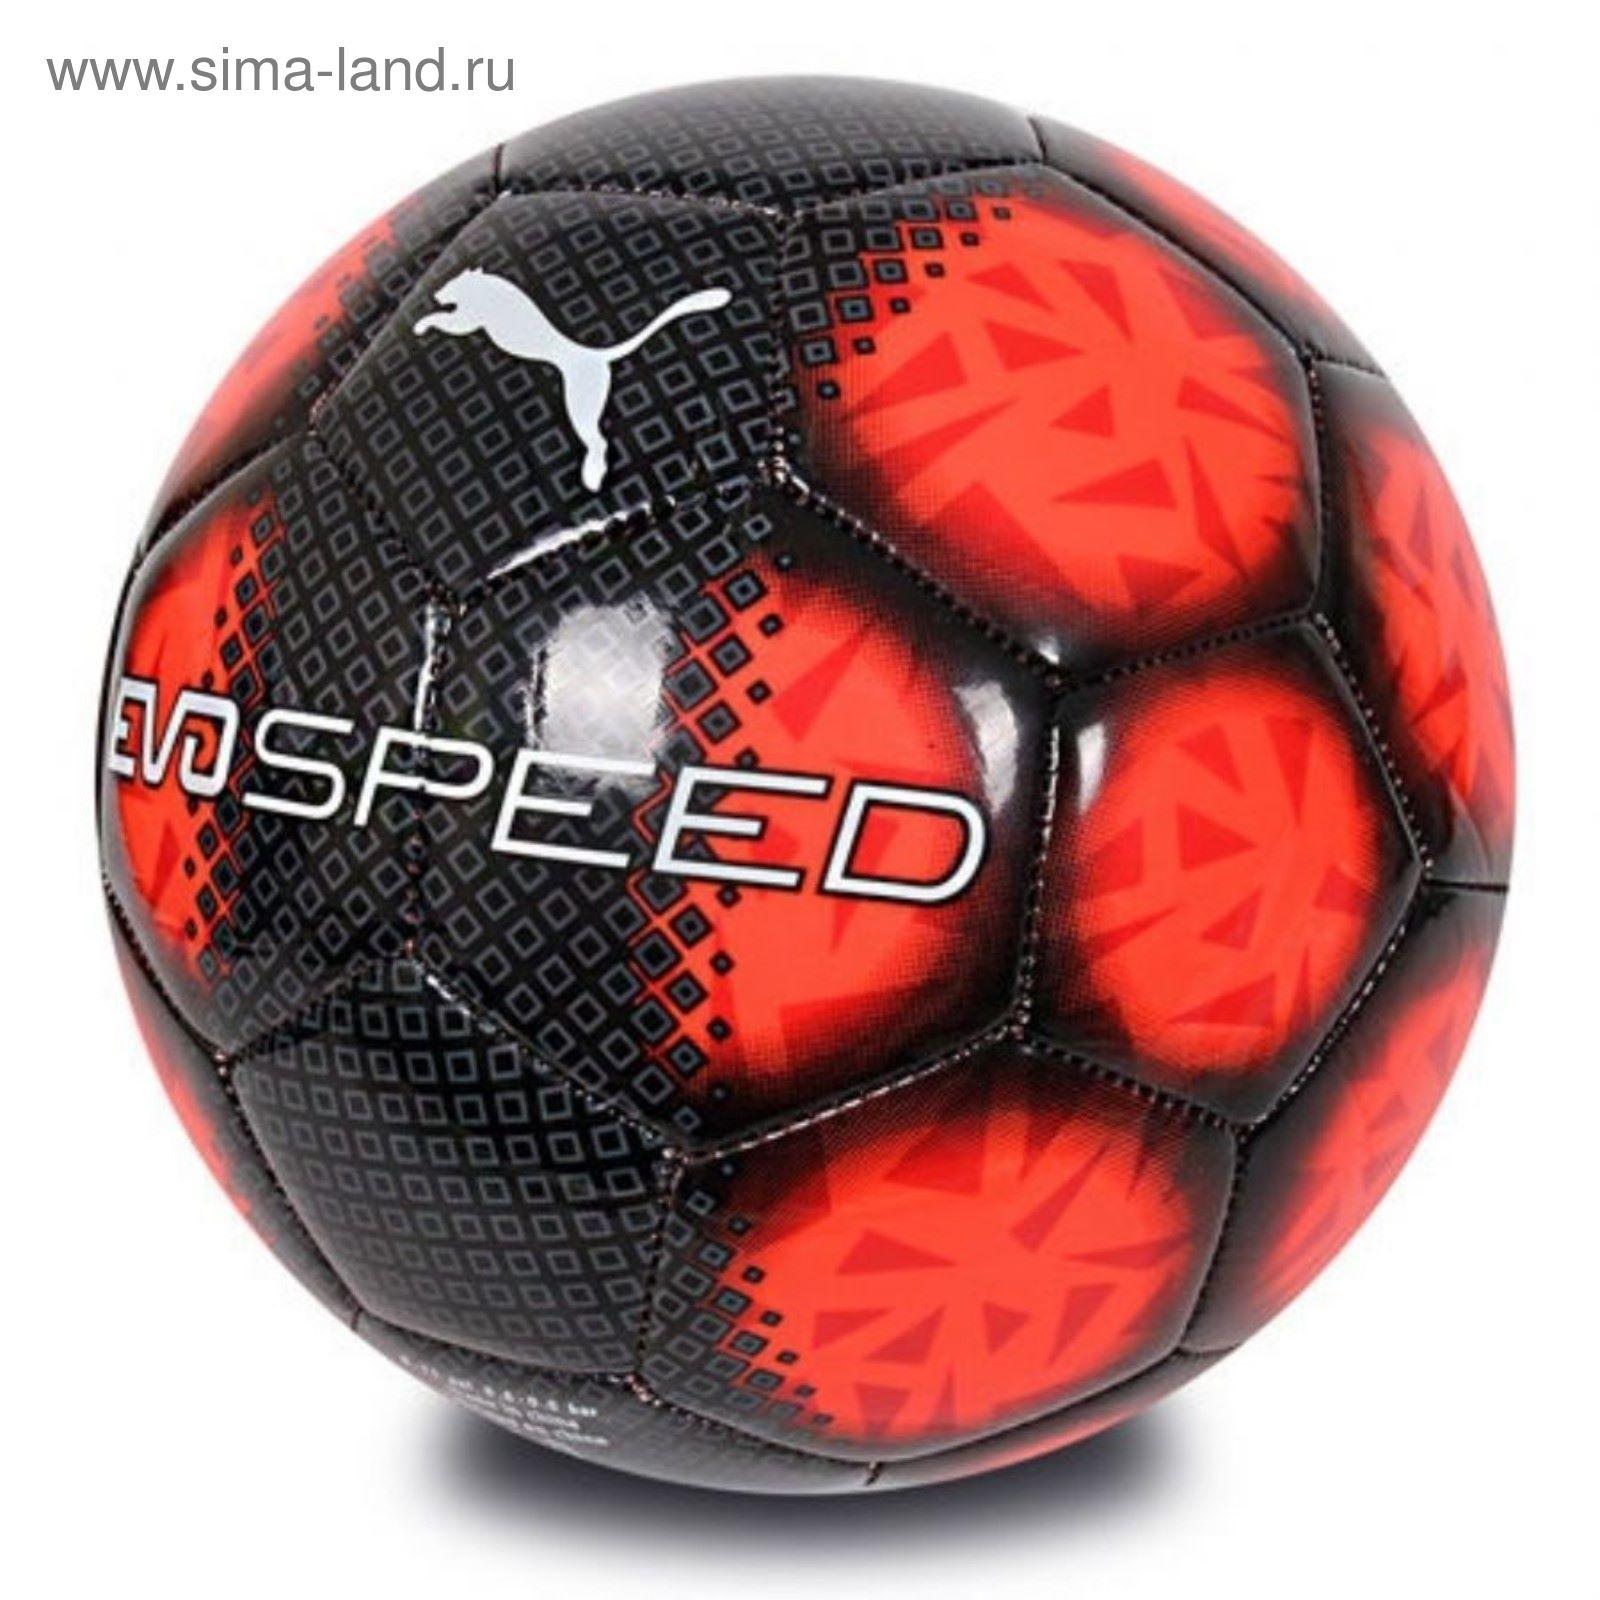 Мяч футбольный PUMA evoSPEED 5.5 Fade ball (р.5) 8265801 (2350278 ... 9278dbf9ee5c6